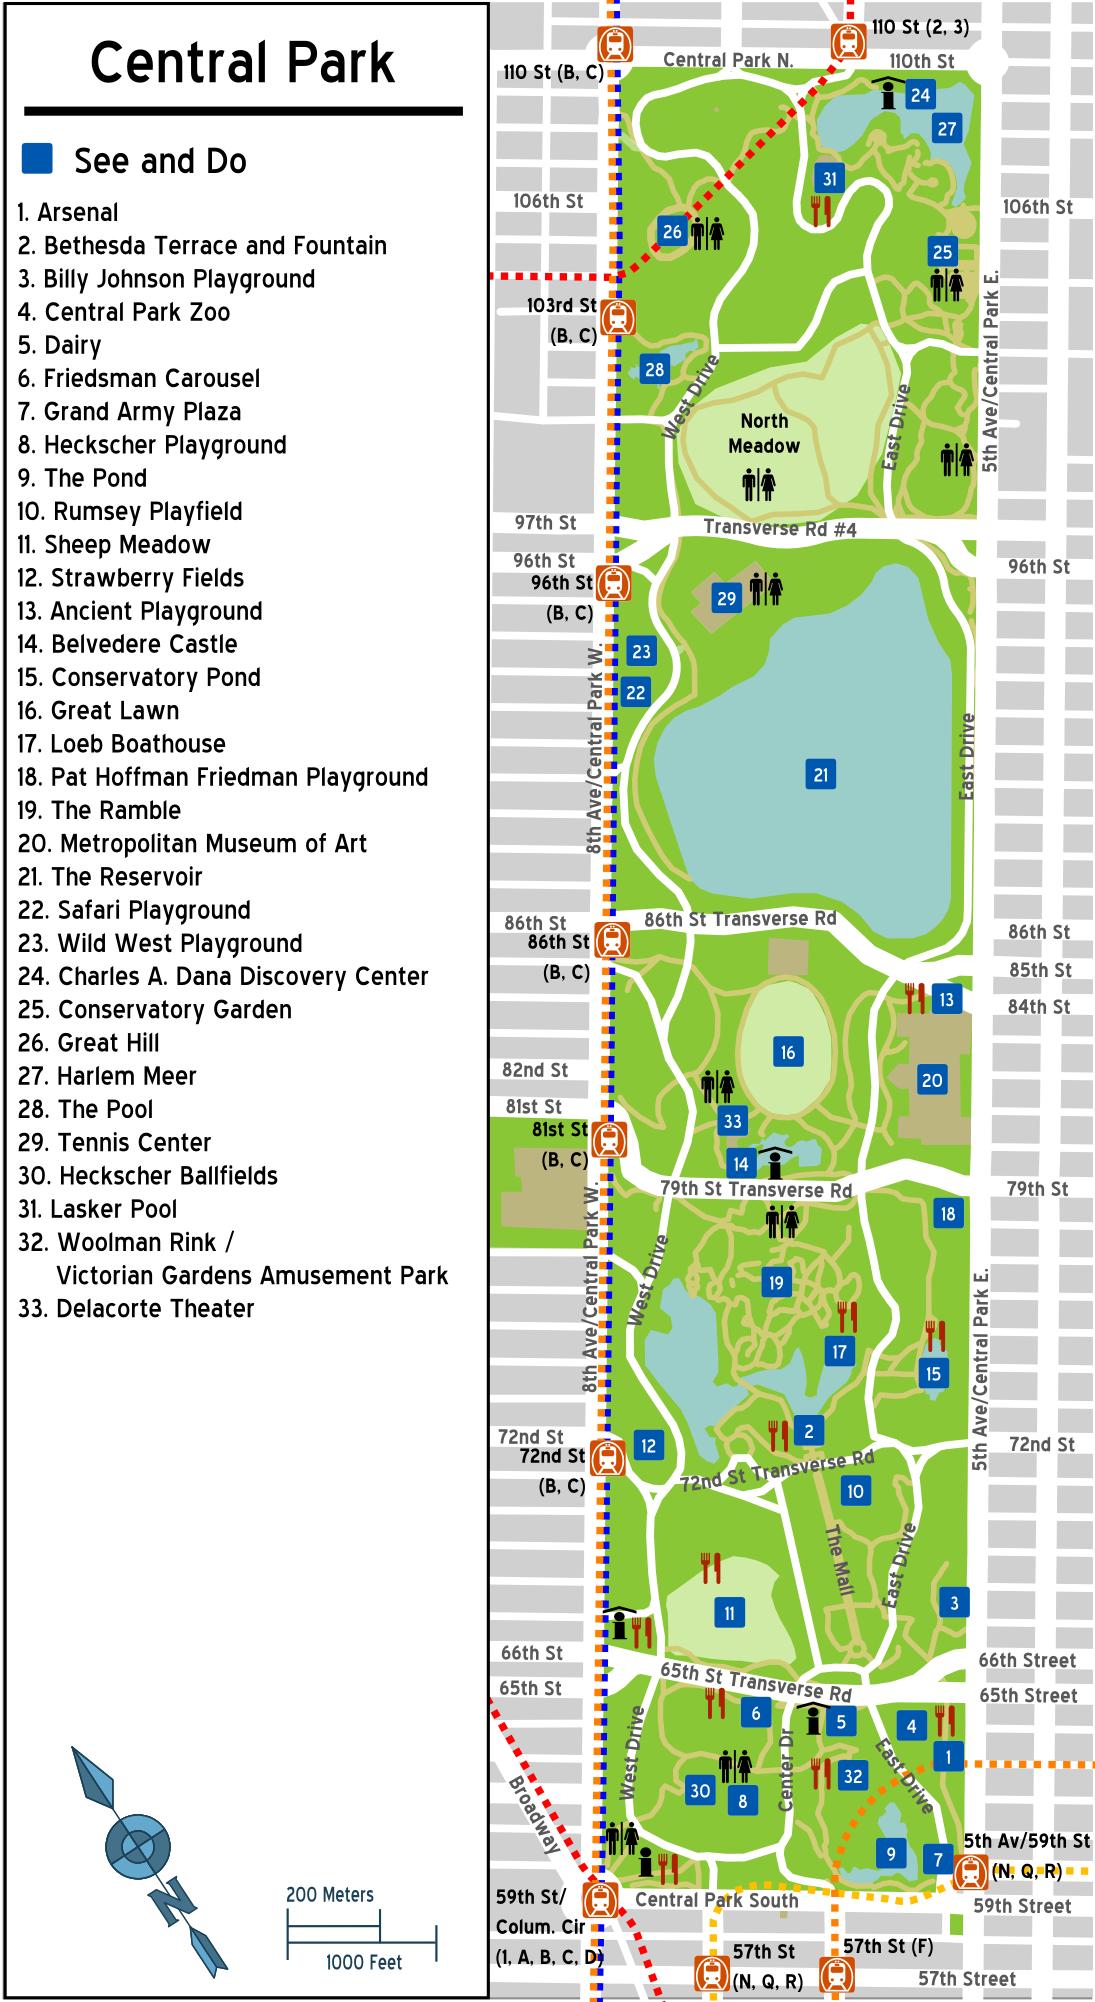 central park map - Recherche Google | BREAKAWAY | Pinterest ...